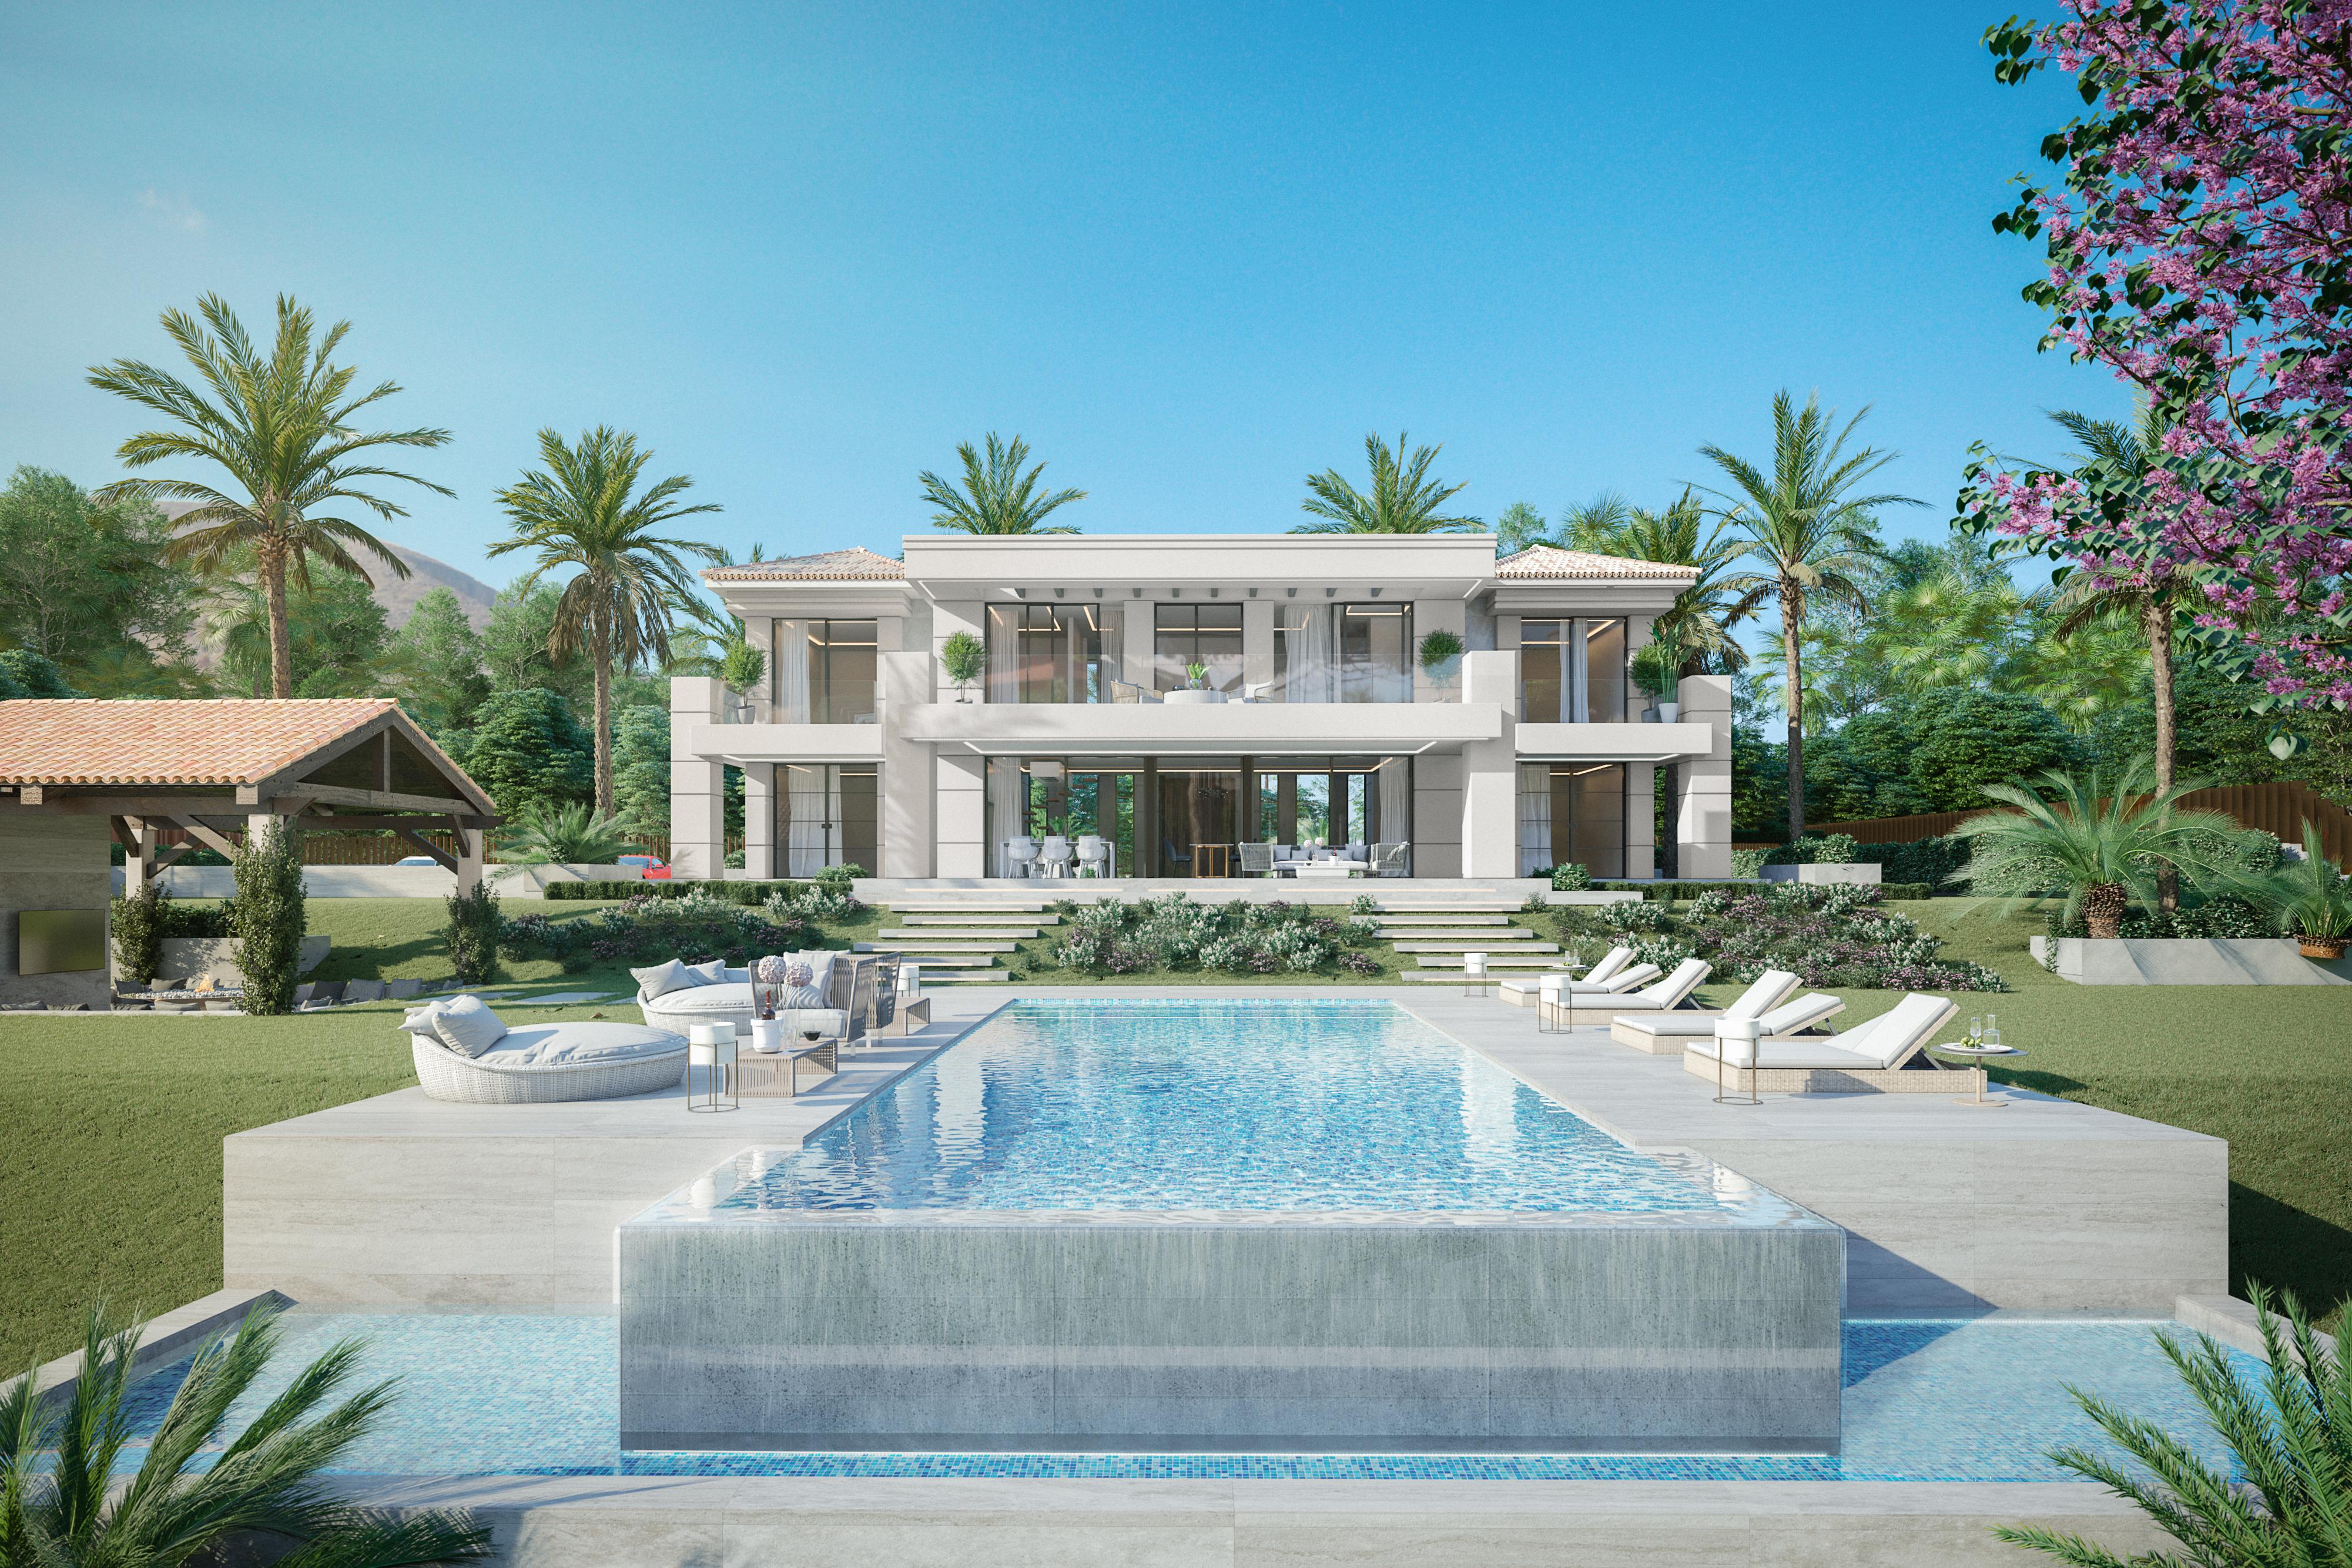 359-00124P: Villa in Benahavis